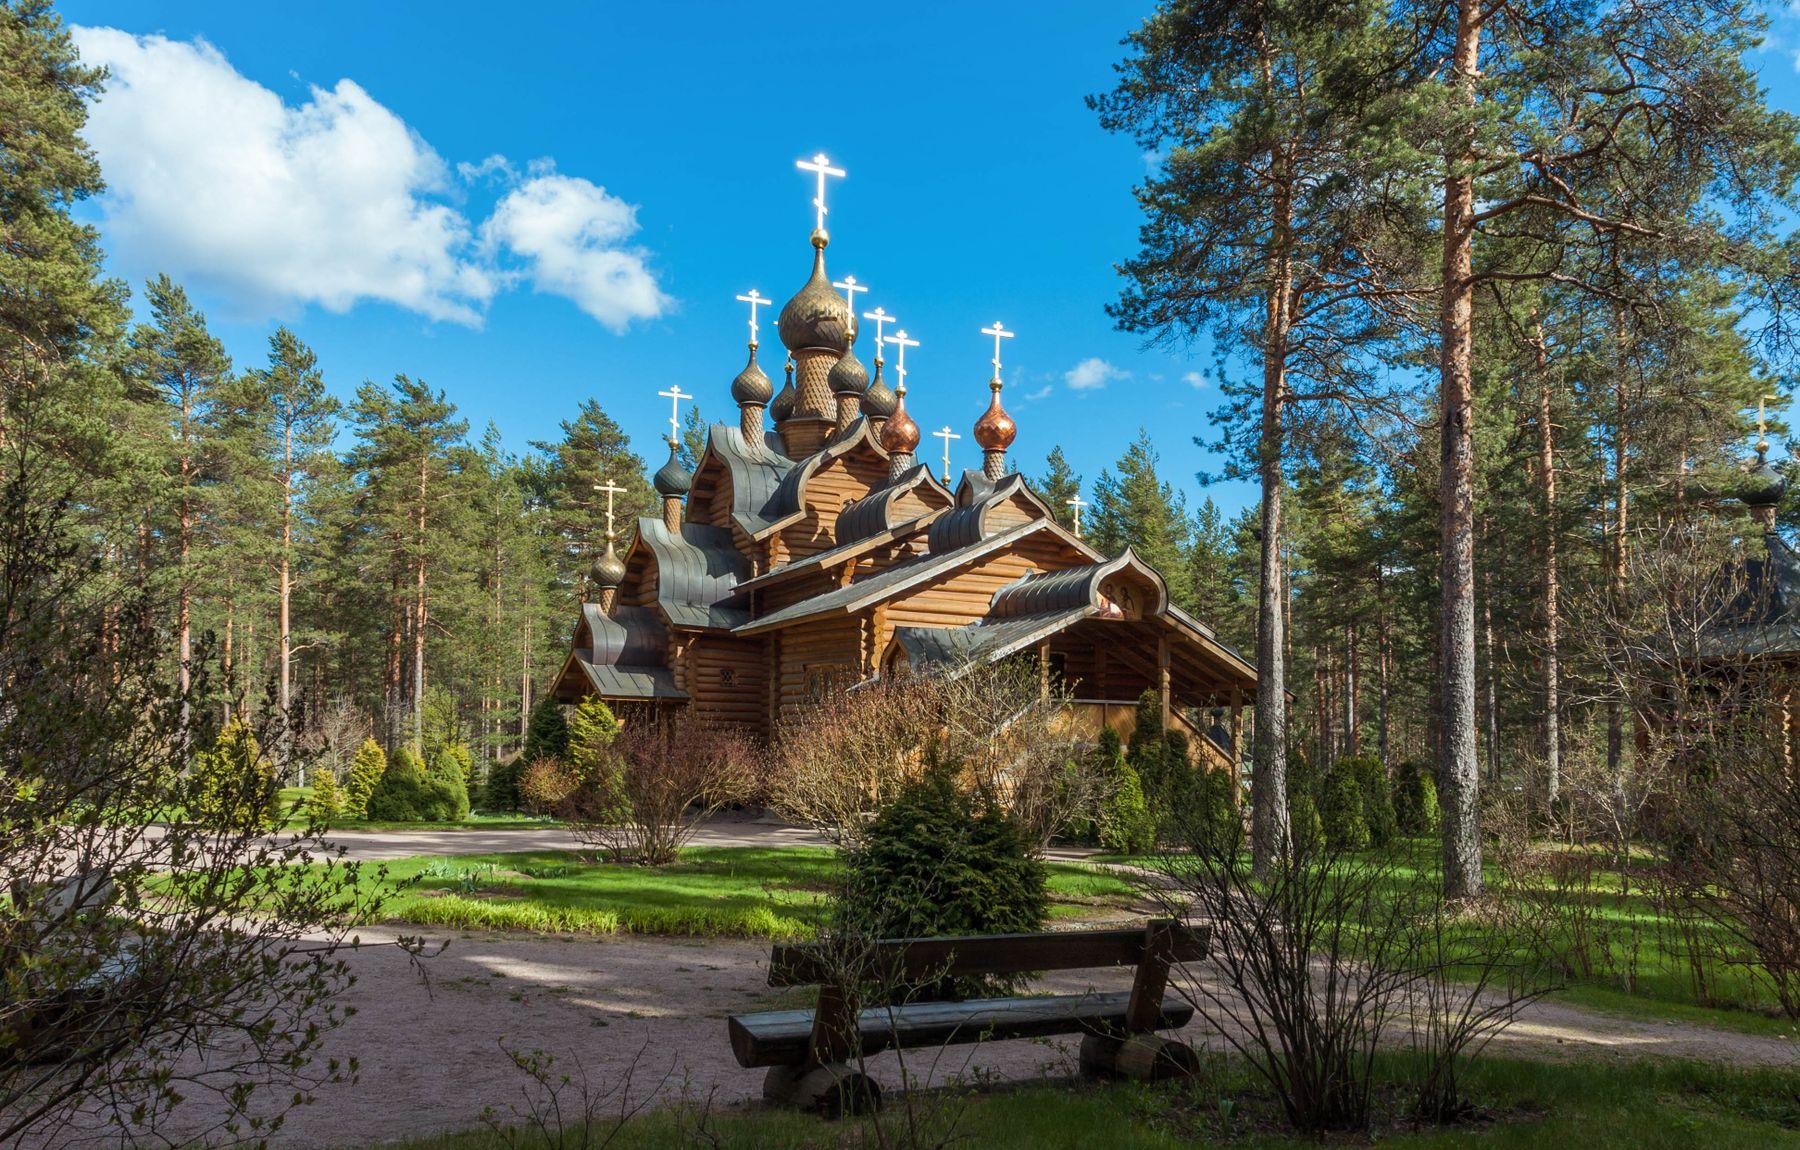 Солнечный весенний день и церковь Всех Русских Святых. Ленинградская область.